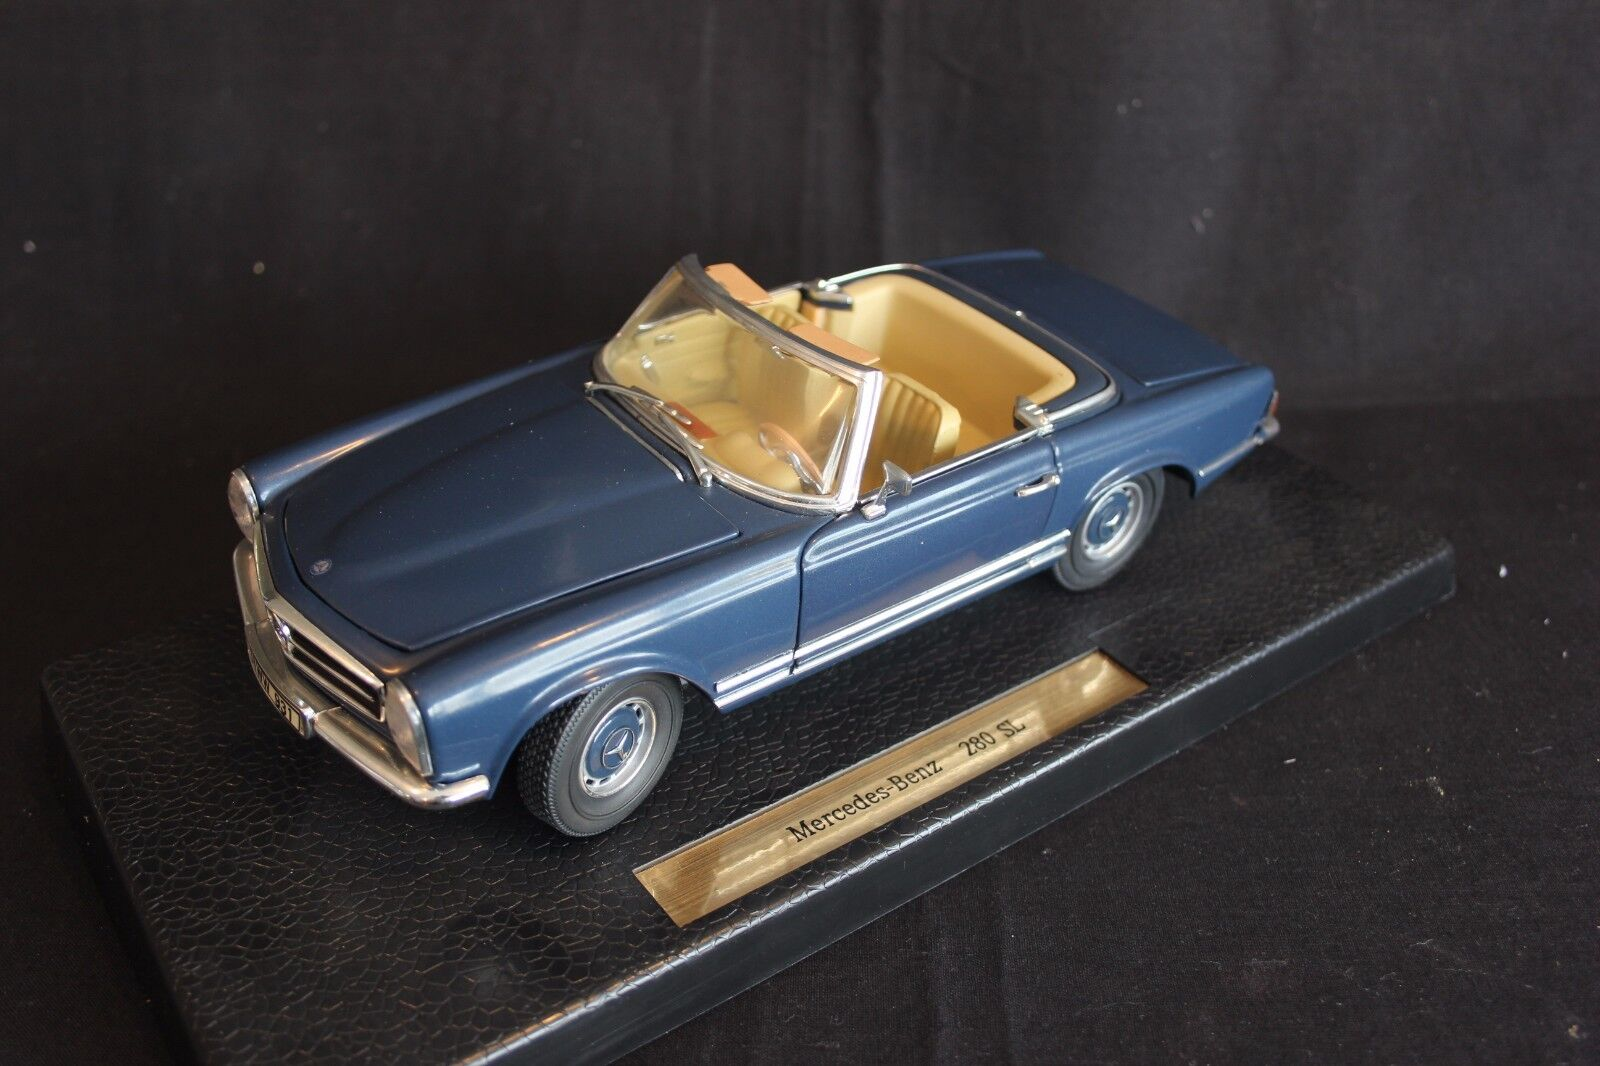 Anson Mercedes-Benz 280 SL1 18 blu (JvM)